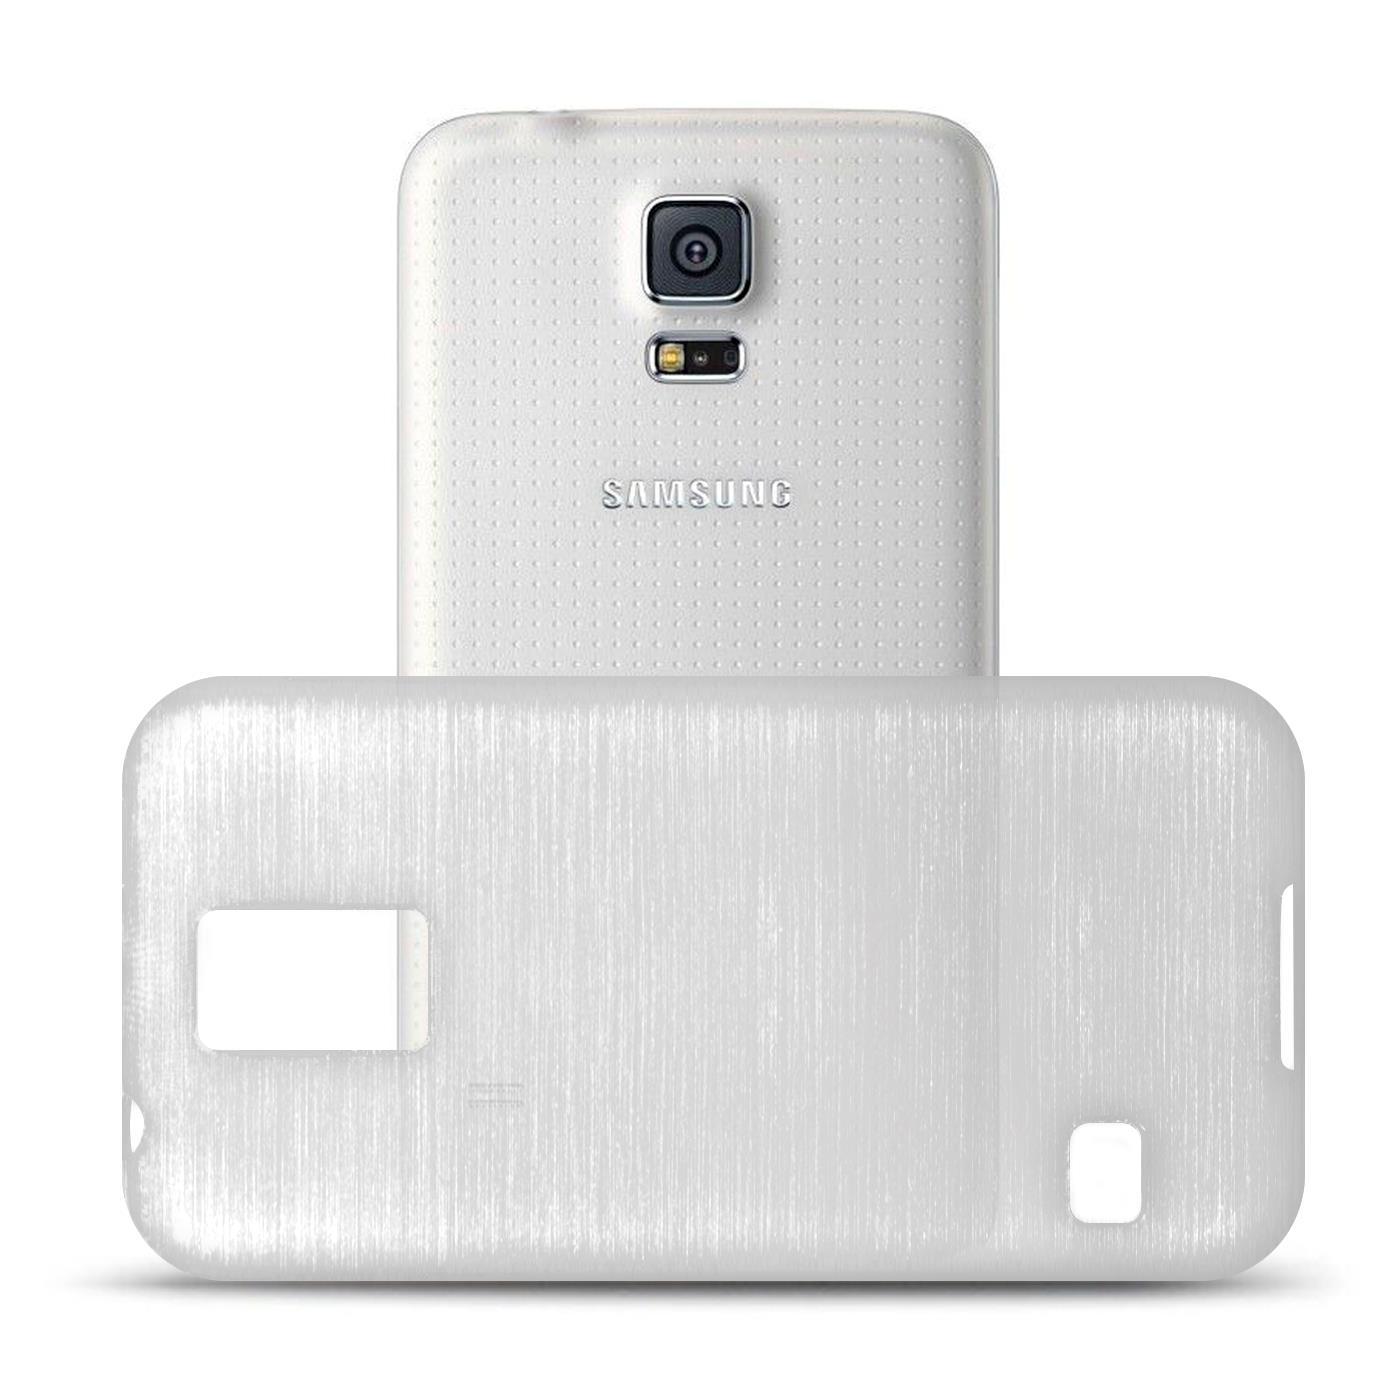 Silikon-Bumper-Case-Samsung-Galaxy-s5-Neo-duenne-ultra-slim-Stossfeste-Rueckschale Indexbild 44